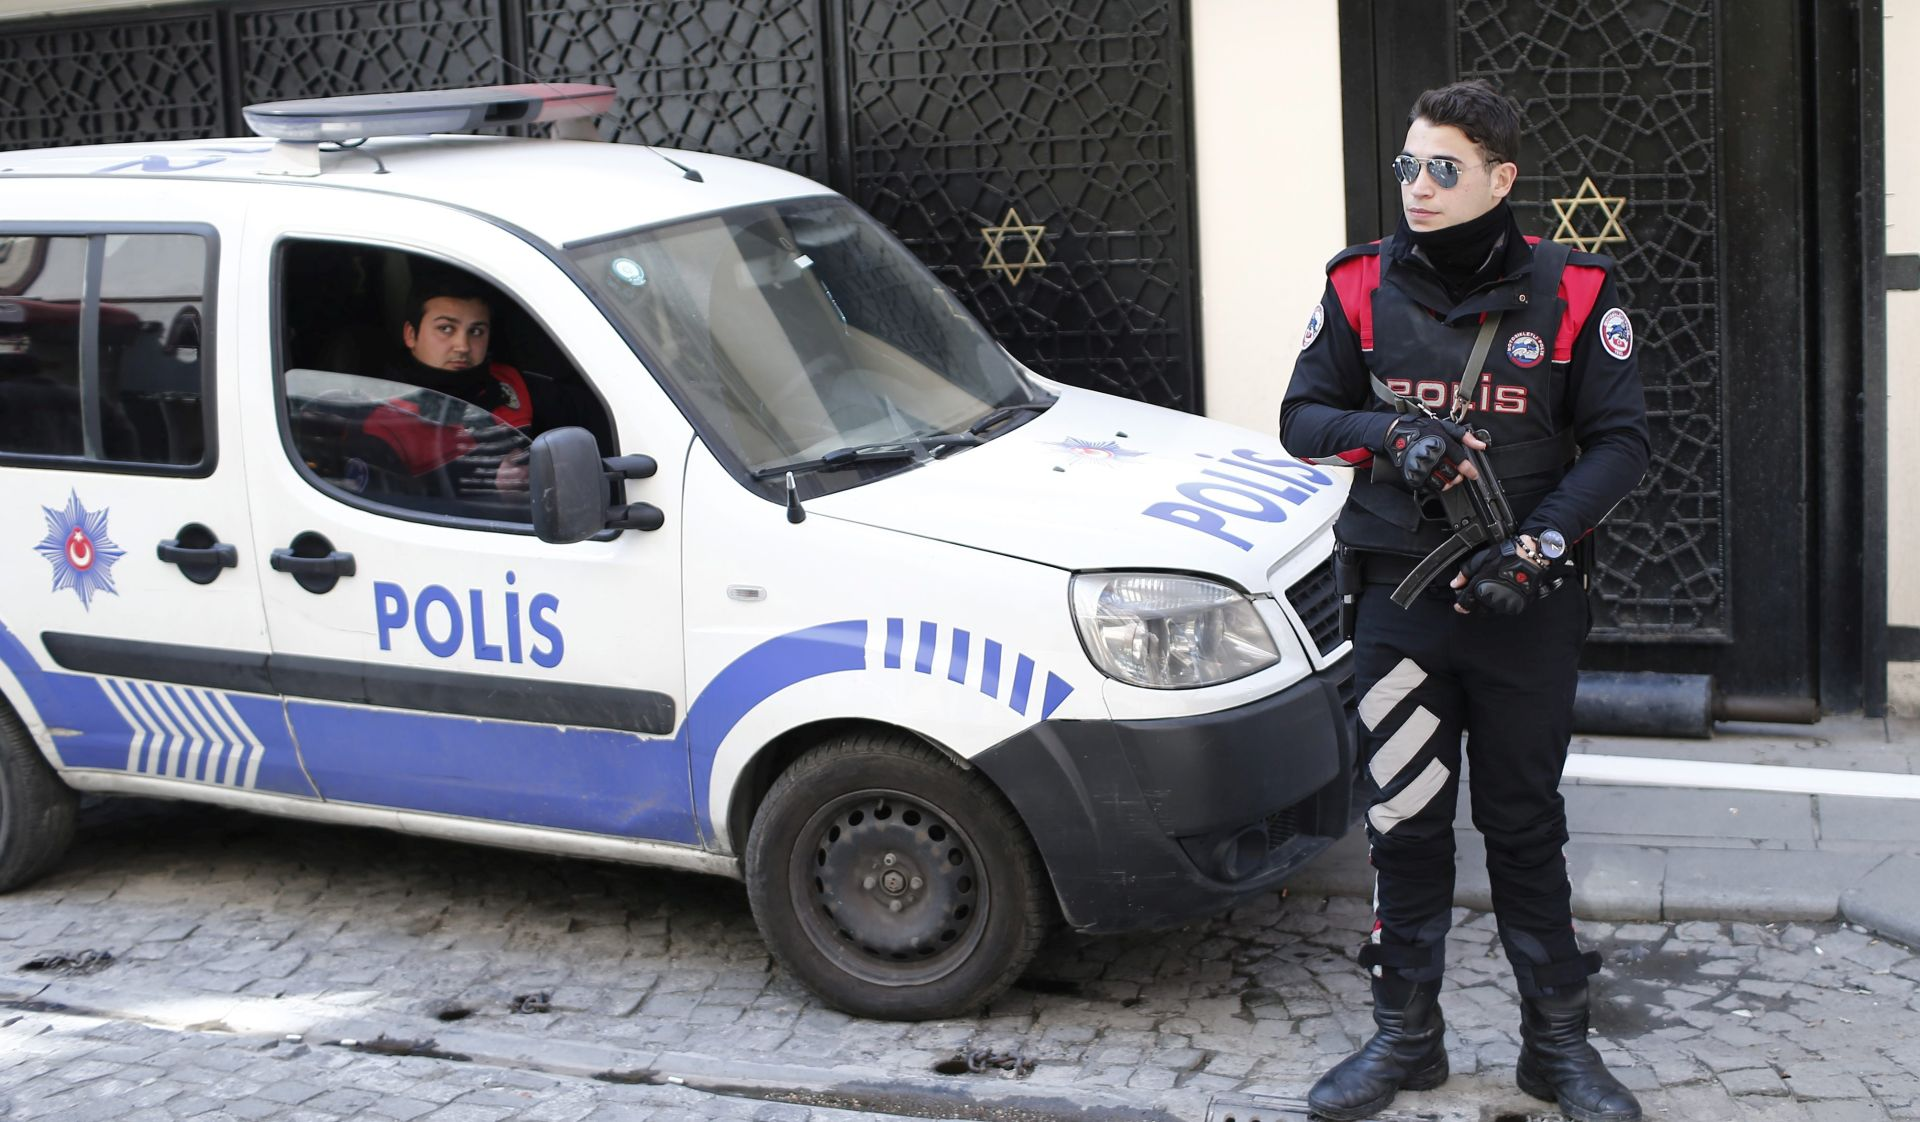 POKUŠALI VRBOVATI NOVE BORCE: U Moskvi uhićeni članovi IS-a, u Turskoj džihadisti Al Nusre